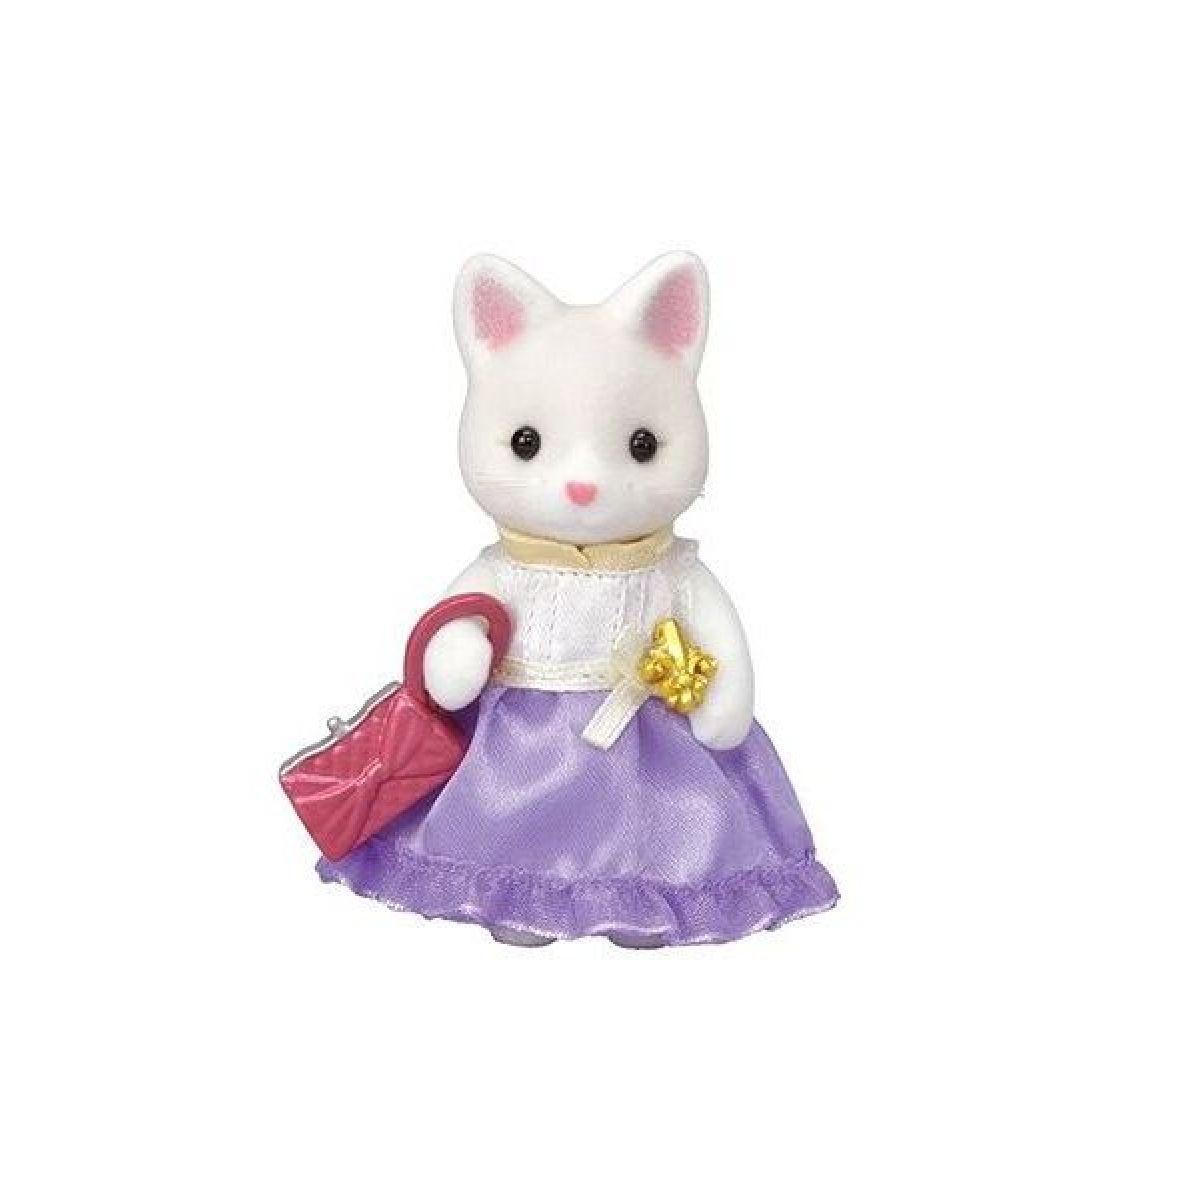 Sylvanian Families Město hedvábná kočka ve fialových šatech s kabelkou